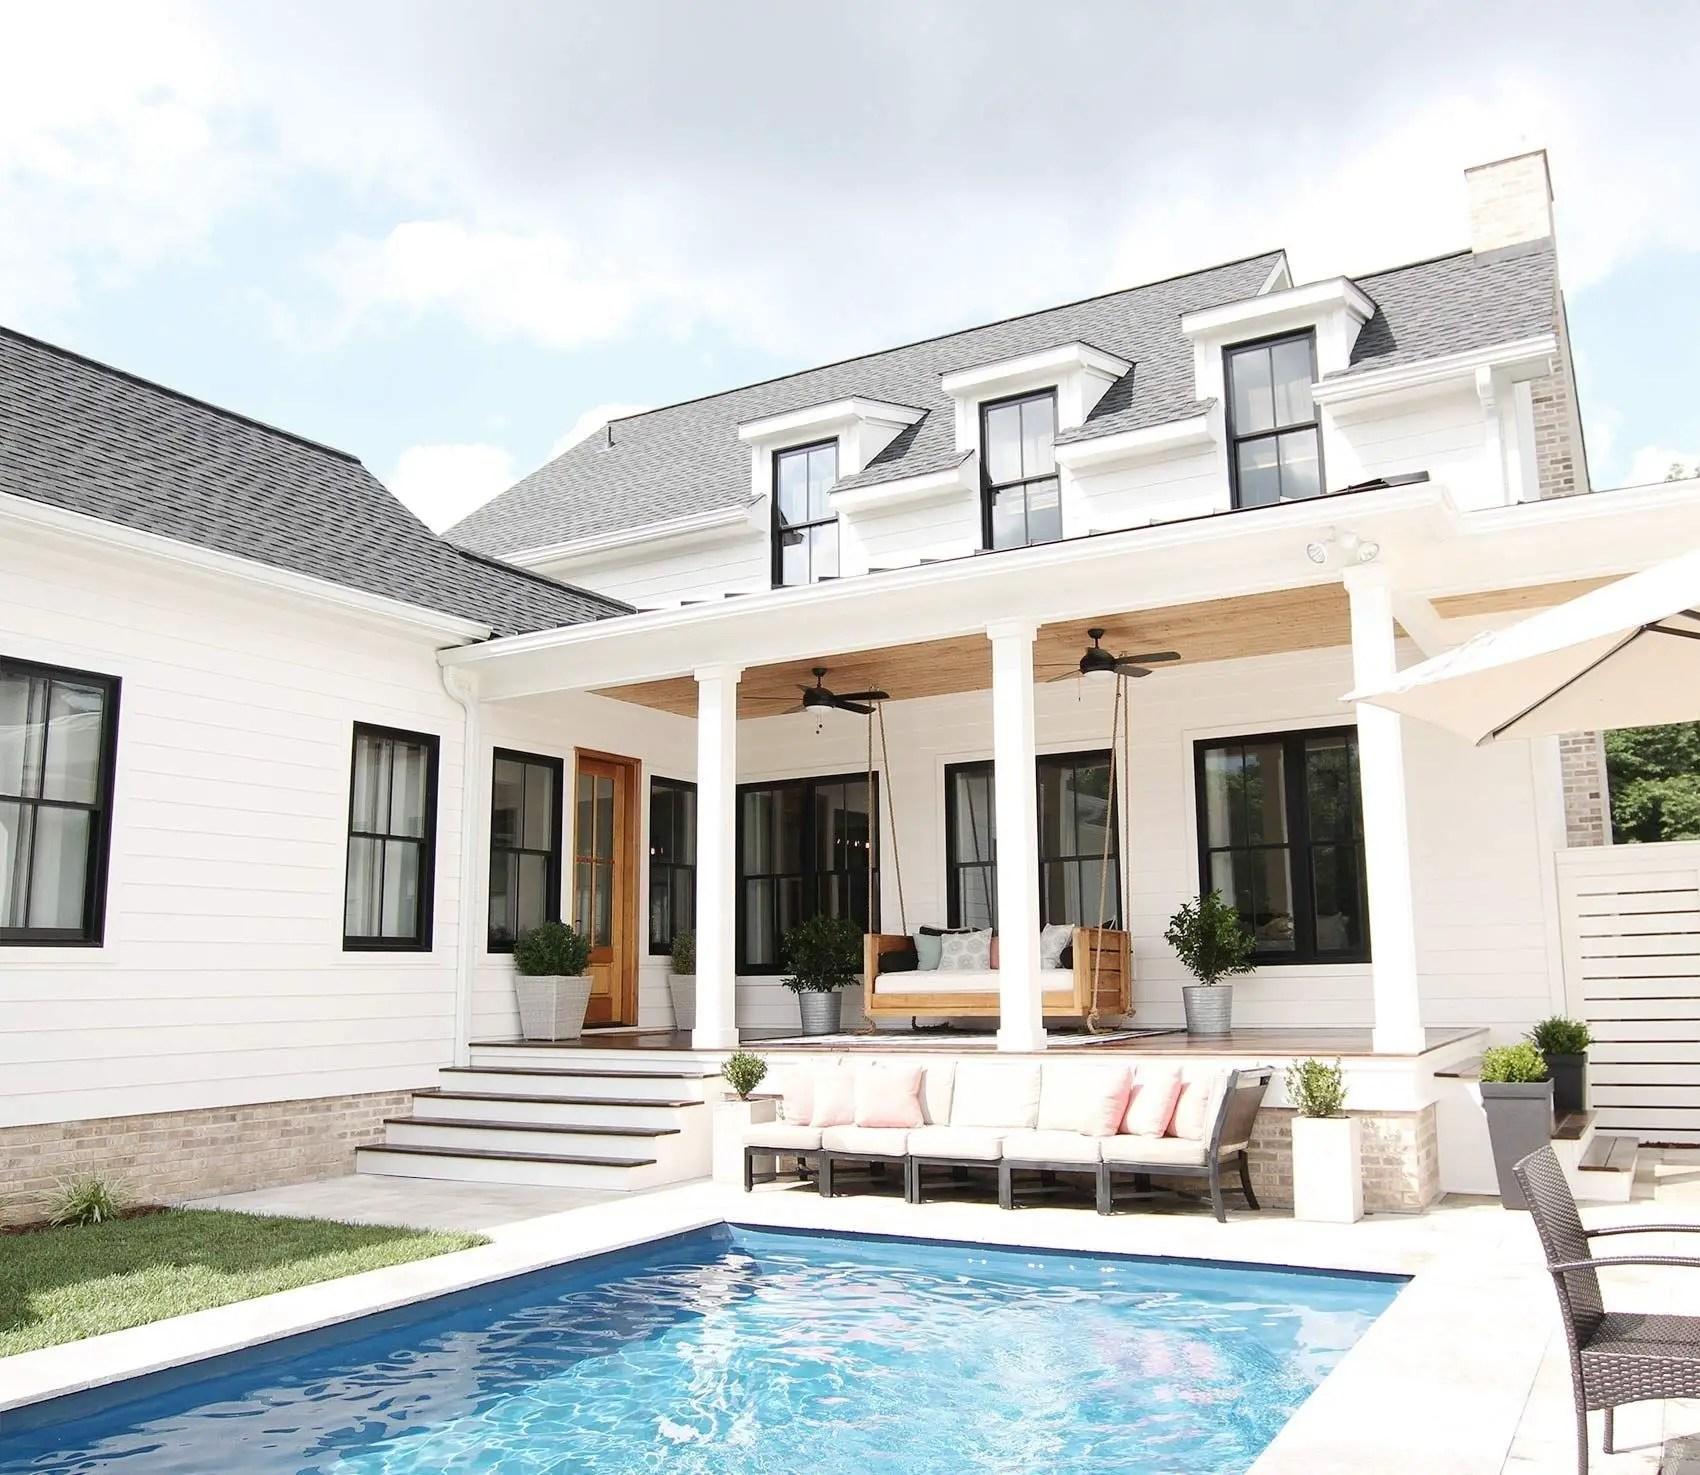 Home Design Ideas Outside: 53 Modern Farmhouse Exterior Design Ideas